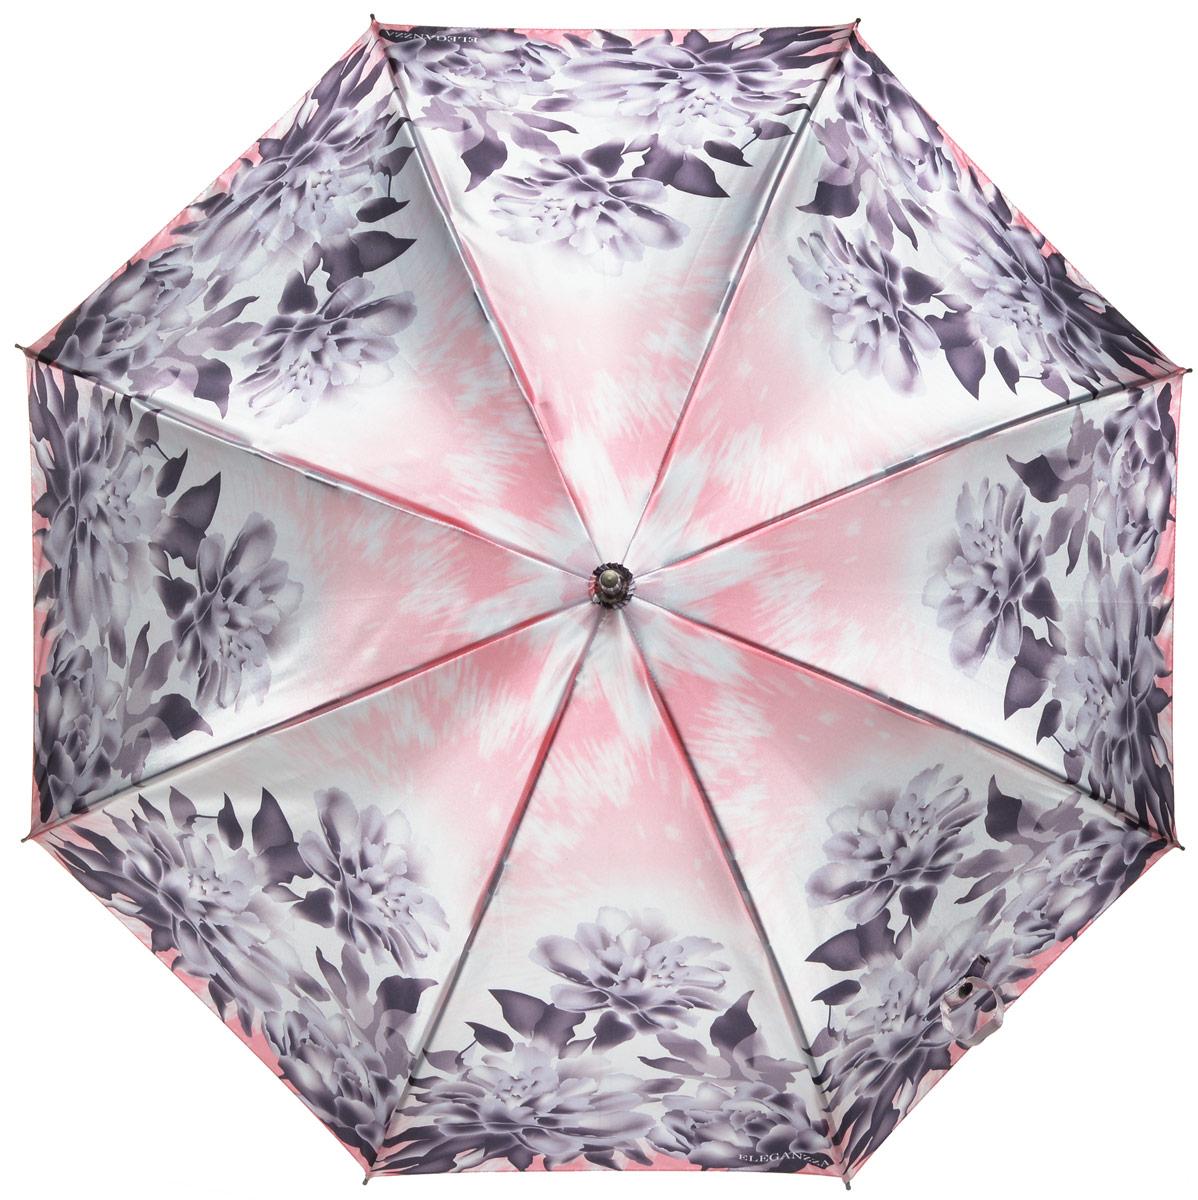 Зонт-трость женский Eleganzza, механика, цвет: тауп, коралловый. T-06-0237T-06-0237Элегантный женский зонт-трость Eleganzza не оставит вас незамеченной. Изделие оформлено оригинальным принтом в виде цветов. Зонт состоит из восьми спиц и стержня, изготовленных из алюминия и фибергласса. Купол выполнен из качественного полиэстера и сатина, которые не пропускают воду. Зонт дополнен удобной ручкой из акрила, которая выполнена в виде бусин и имеет форму крючка. Также зонт имеет заостренный наконечник, который устраняет попадание воды на стержень и уберегает зонт от повреждений. Изделие имеет механический способ сложения: и купол, и стержень открываются и закрываются вручную до характерного щелчка. Зонт закрывается хлястиком на кнопку. Оригинальный и практичный аксессуар даже в ненастную погоду позволит вам оставаться женственной и привлекательной.